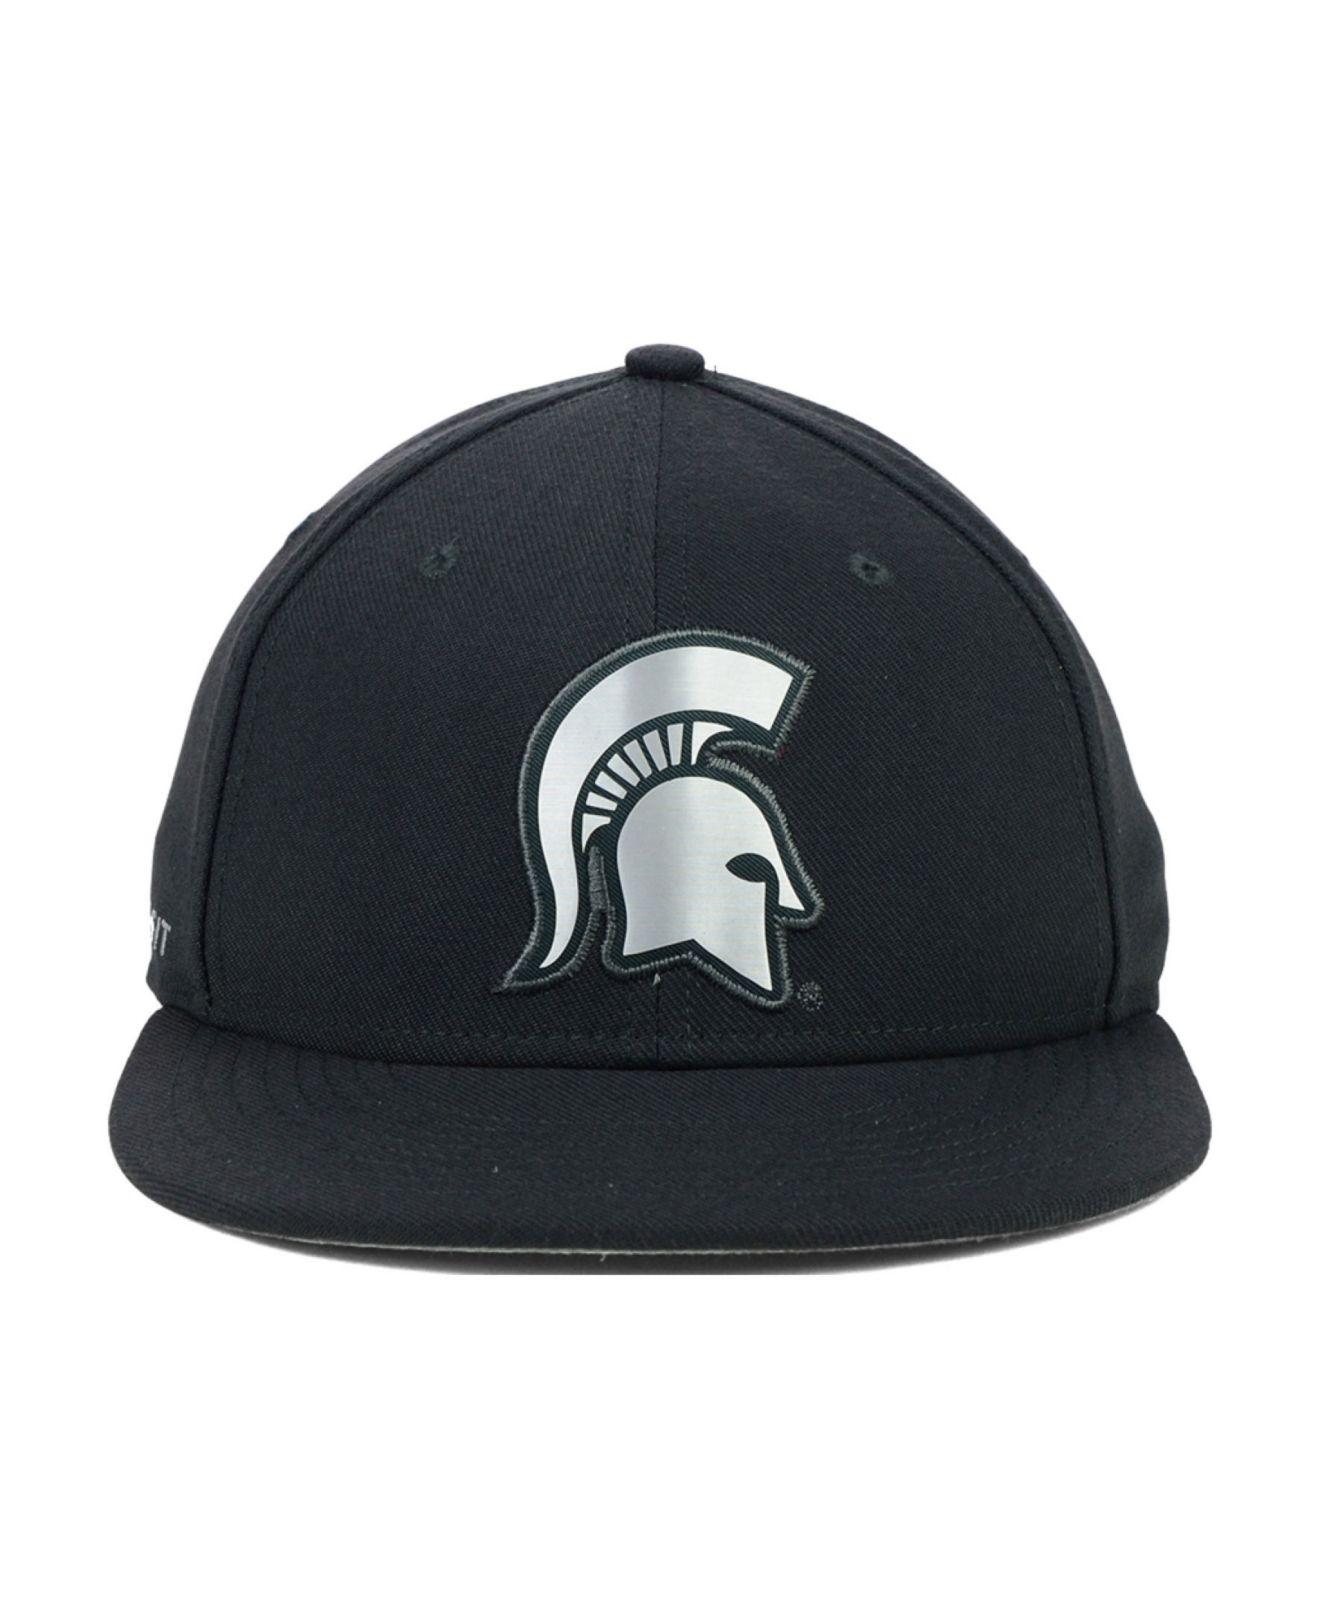 sale retailer 5e289 1efa3 ... shopping lyst nike michigan state spartans true platinum swooshflex cap  in 1f92b b3e42